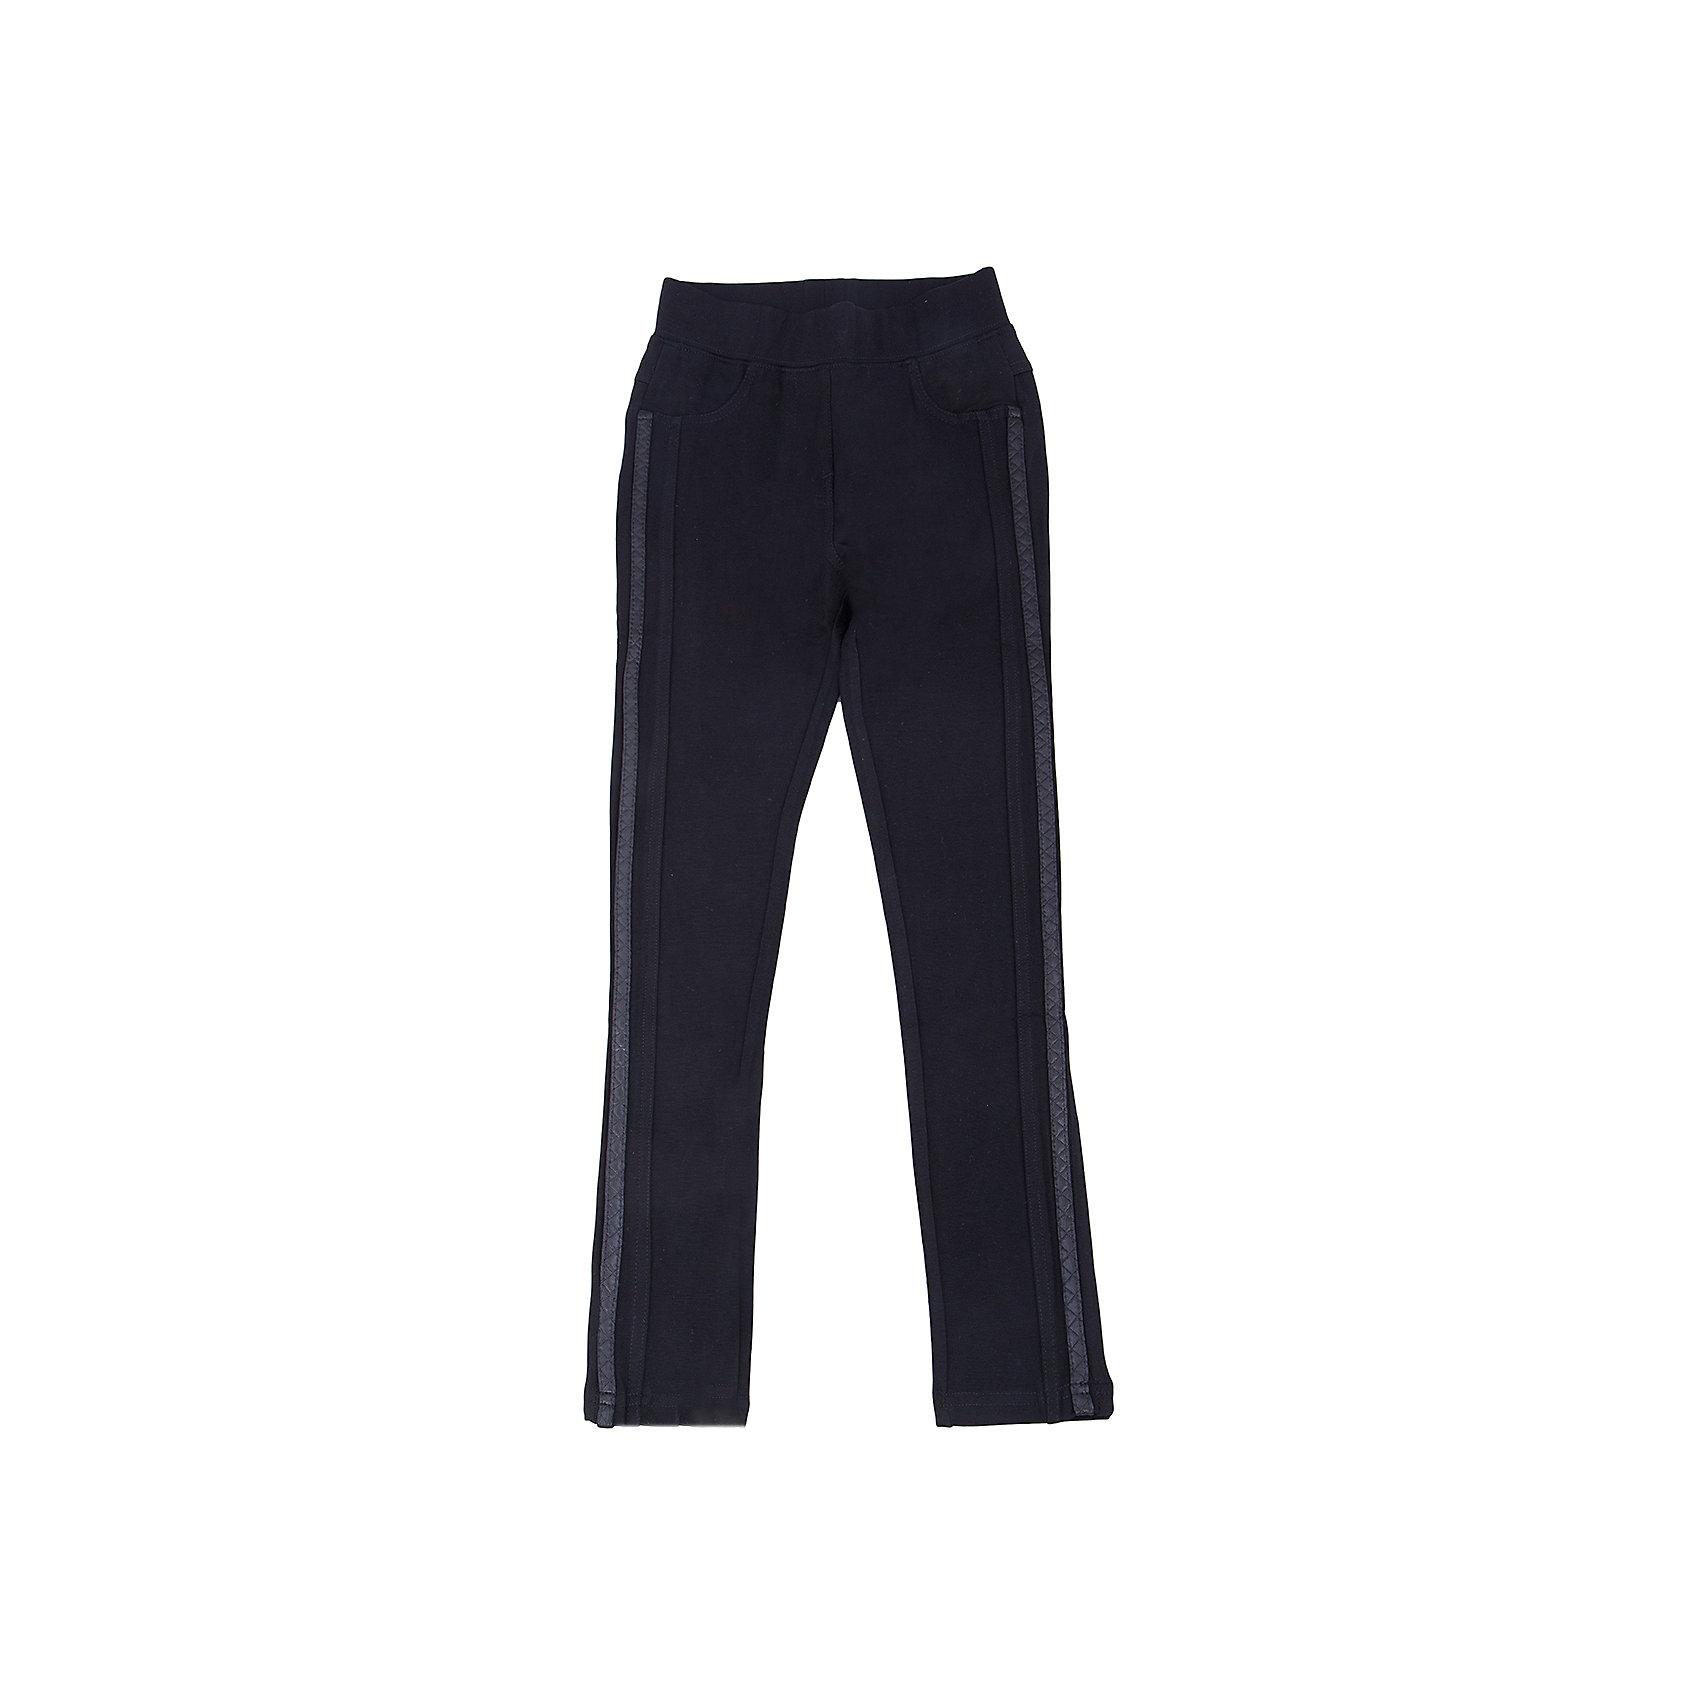 Брюки для девочки LuminosoЛеггинсы<br>Характеристики товара:<br><br>- цвет: черный;<br>- материал: 65% хлопок, 30% полиэстр, 5% эластан;<br>- трикотаж;<br>- отделка по бокам из декоративной тесьмы;<br>- мягкая резинка в поясе.<br><br>Стильная одежда от бренда Luminoso (Люминосо), созданная при участии итальянских дизайнеров, учитывает потребности подростков и последние веяния моды. Она удобная и модная.<br>Эти стильные брюки подходят для ежедневного ношения. Они хорошо сидят на ребенке, обеспечивают комфорт и отлично сочетаются с одежной разных стилей. Модель отличается высоким качеством материала и продуманным дизайном. Натуральный хлопок в составе изделия делает его дышащим, приятным на ощупь и гипоаллергеным.<br><br>Брюки для девочки от бренда Luminoso (Люминосо) можно купить в нашем интернет-магазине.<br><br>Ширина мм: 215<br>Глубина мм: 88<br>Высота мм: 191<br>Вес г: 336<br>Цвет: черный<br>Возраст от месяцев: 132<br>Возраст до месяцев: 144<br>Пол: Женский<br>Возраст: Детский<br>Размер: 152,158,164,134,140,146<br>SKU: 4929654